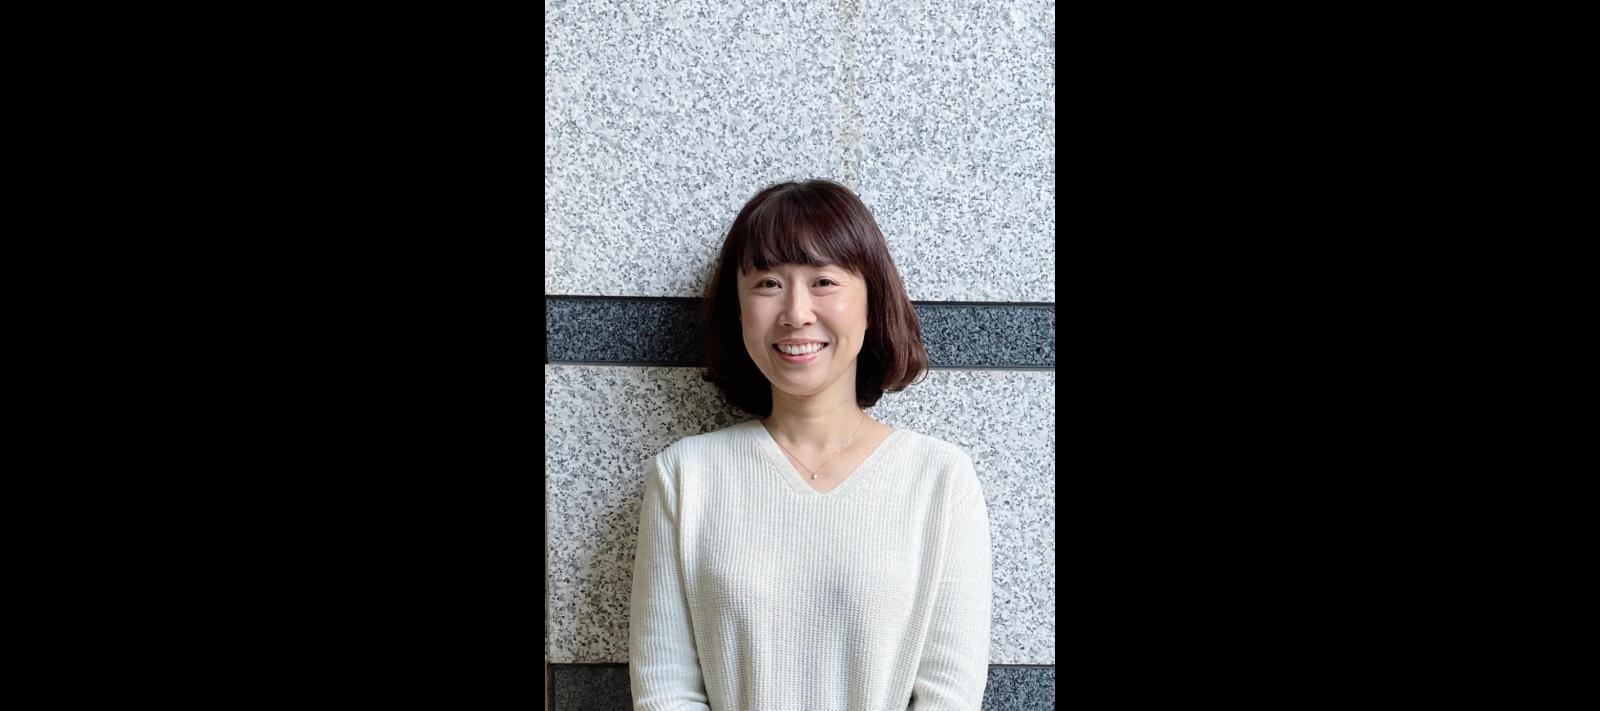 ハイパーネットワーク社会研究所副所長の渡辺律子氏